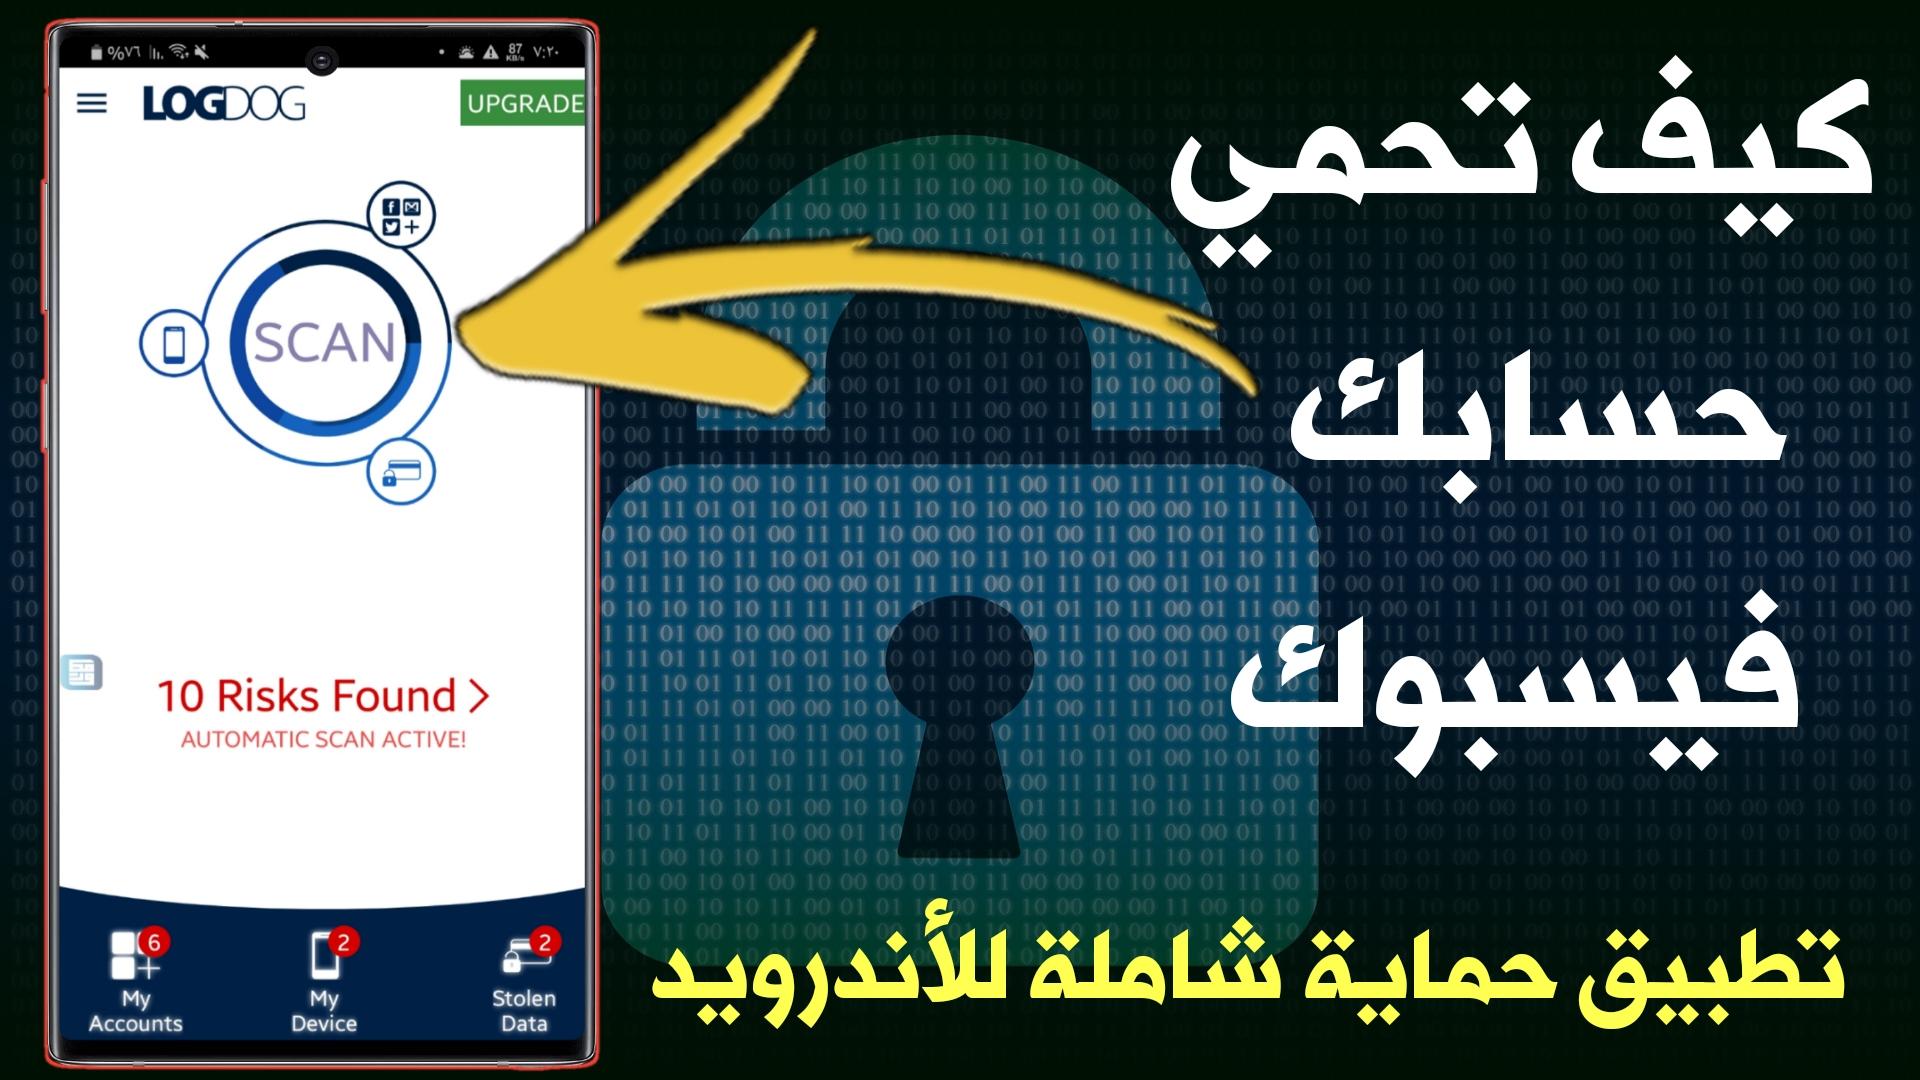 كيف تحمي حسابك Facbbook من الأختراق ! كيف تحمي قناتك على اليوتيوب من السرقة ! تطبيق حماية شامل للأندرويد